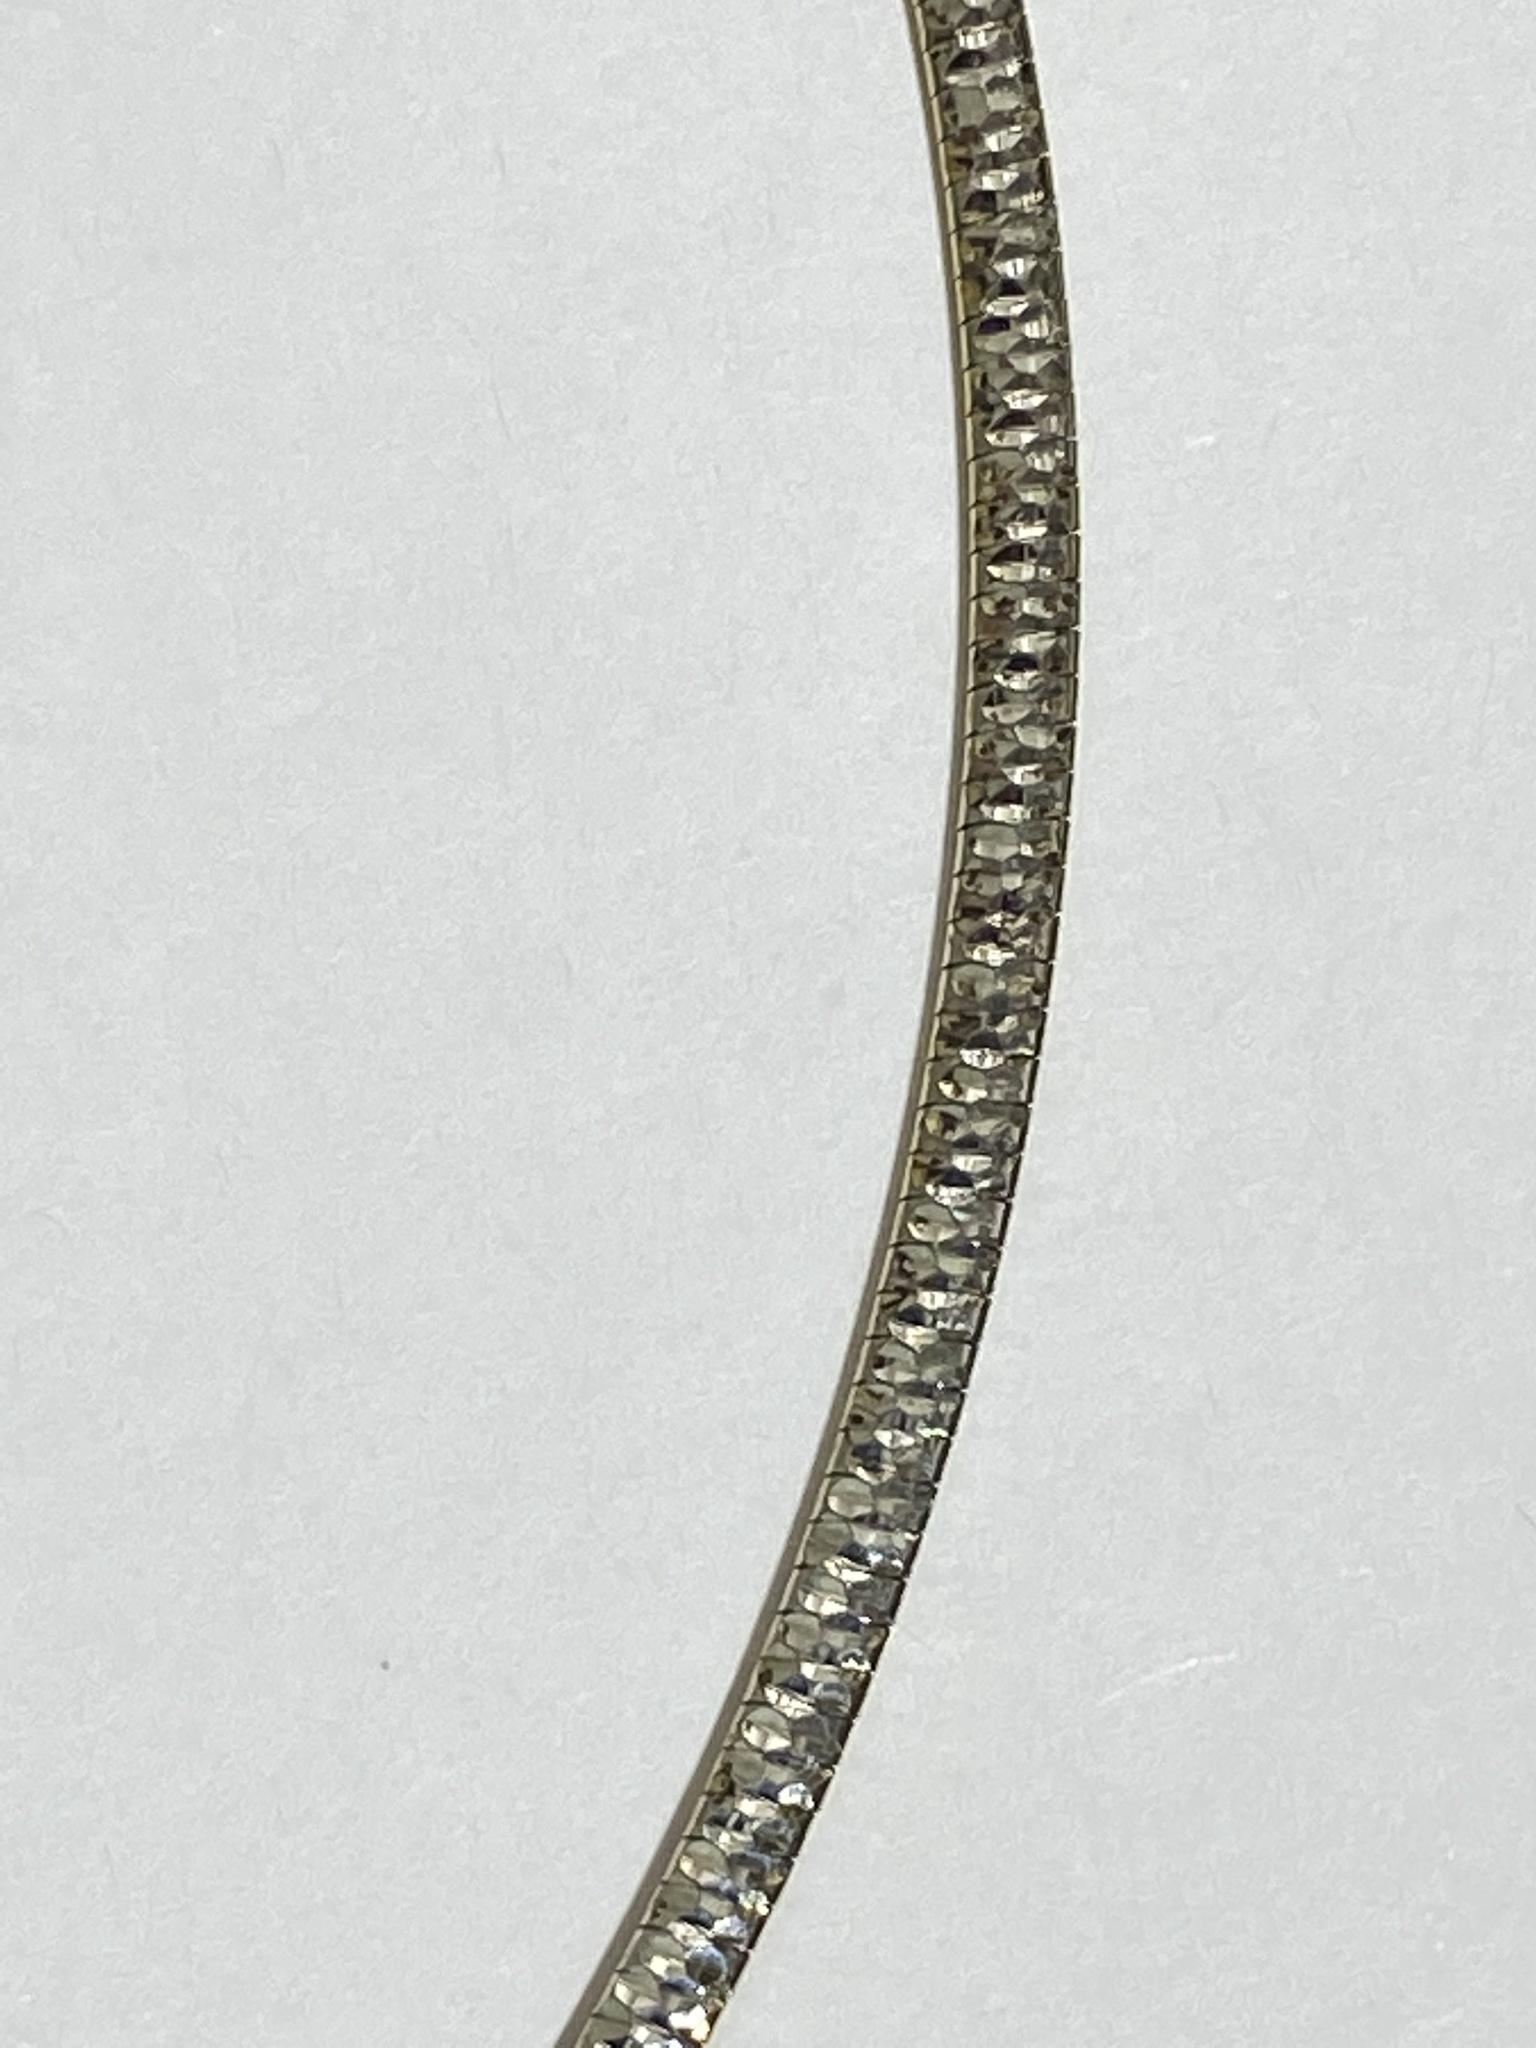 Колье 0,35 см. (серебряное колье).